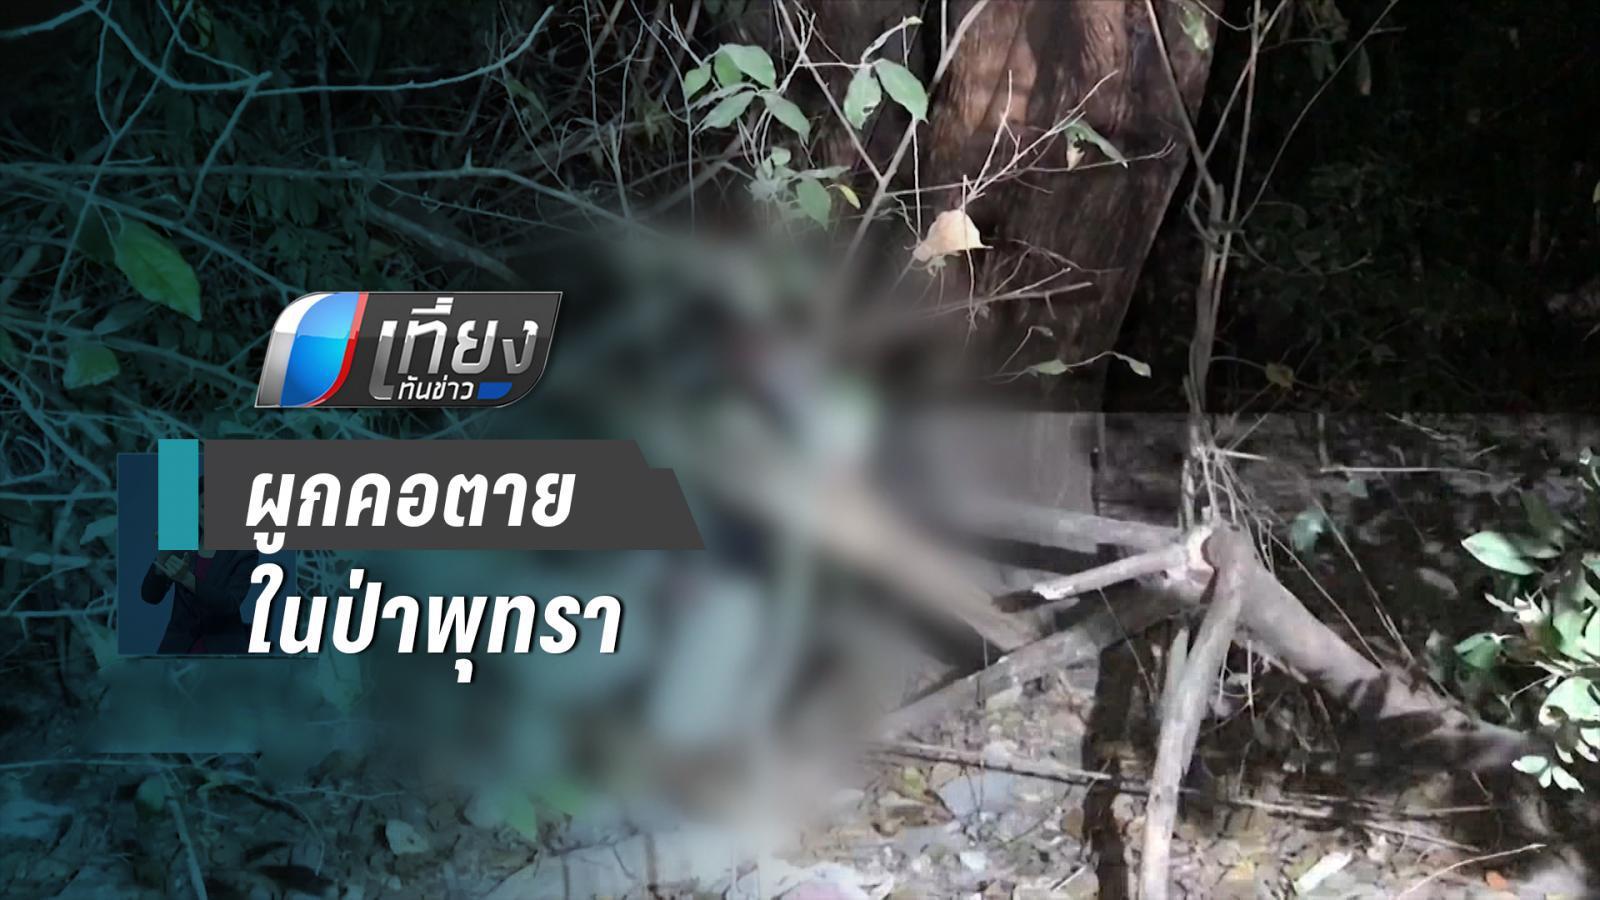 พบศพชายต่างชาติ ผูกคอตายในป่าพุทราชลบุรี ตร.คาดฆ่าตัวตาย